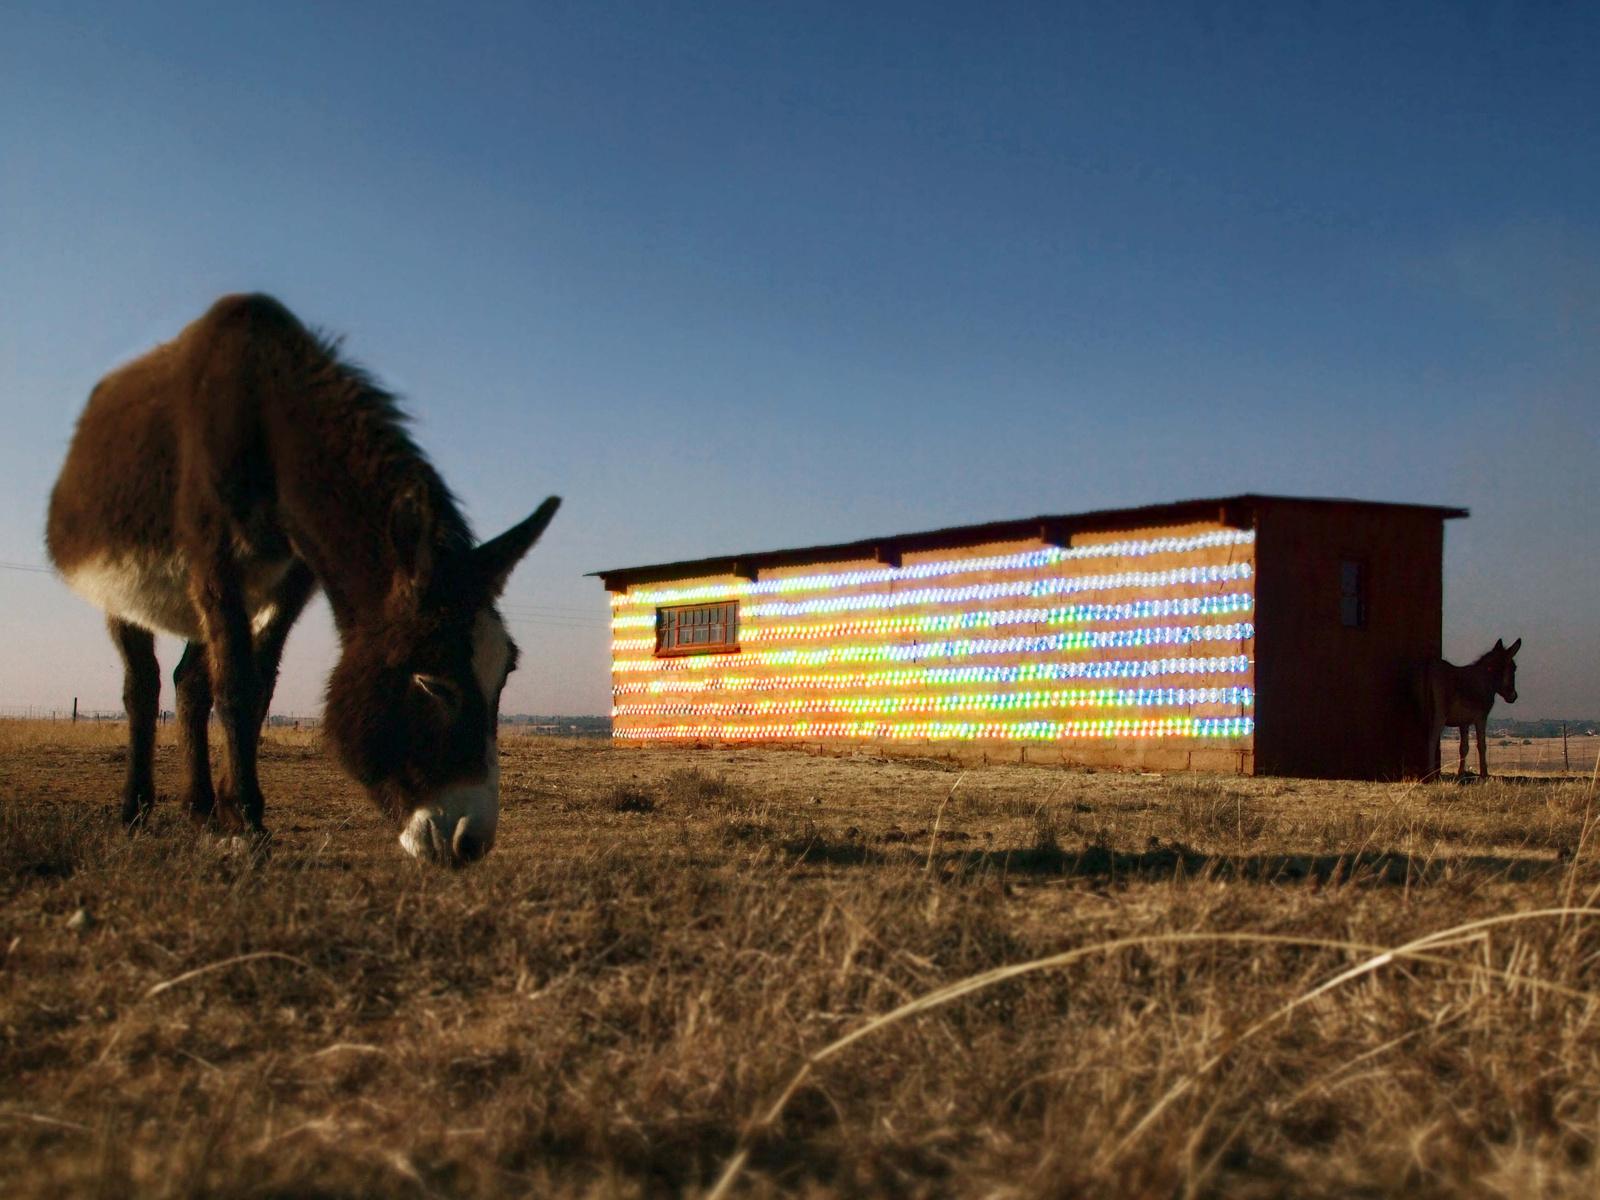 Sul-Africano reaproveita 1.000 CDs para fazer intervenção artística